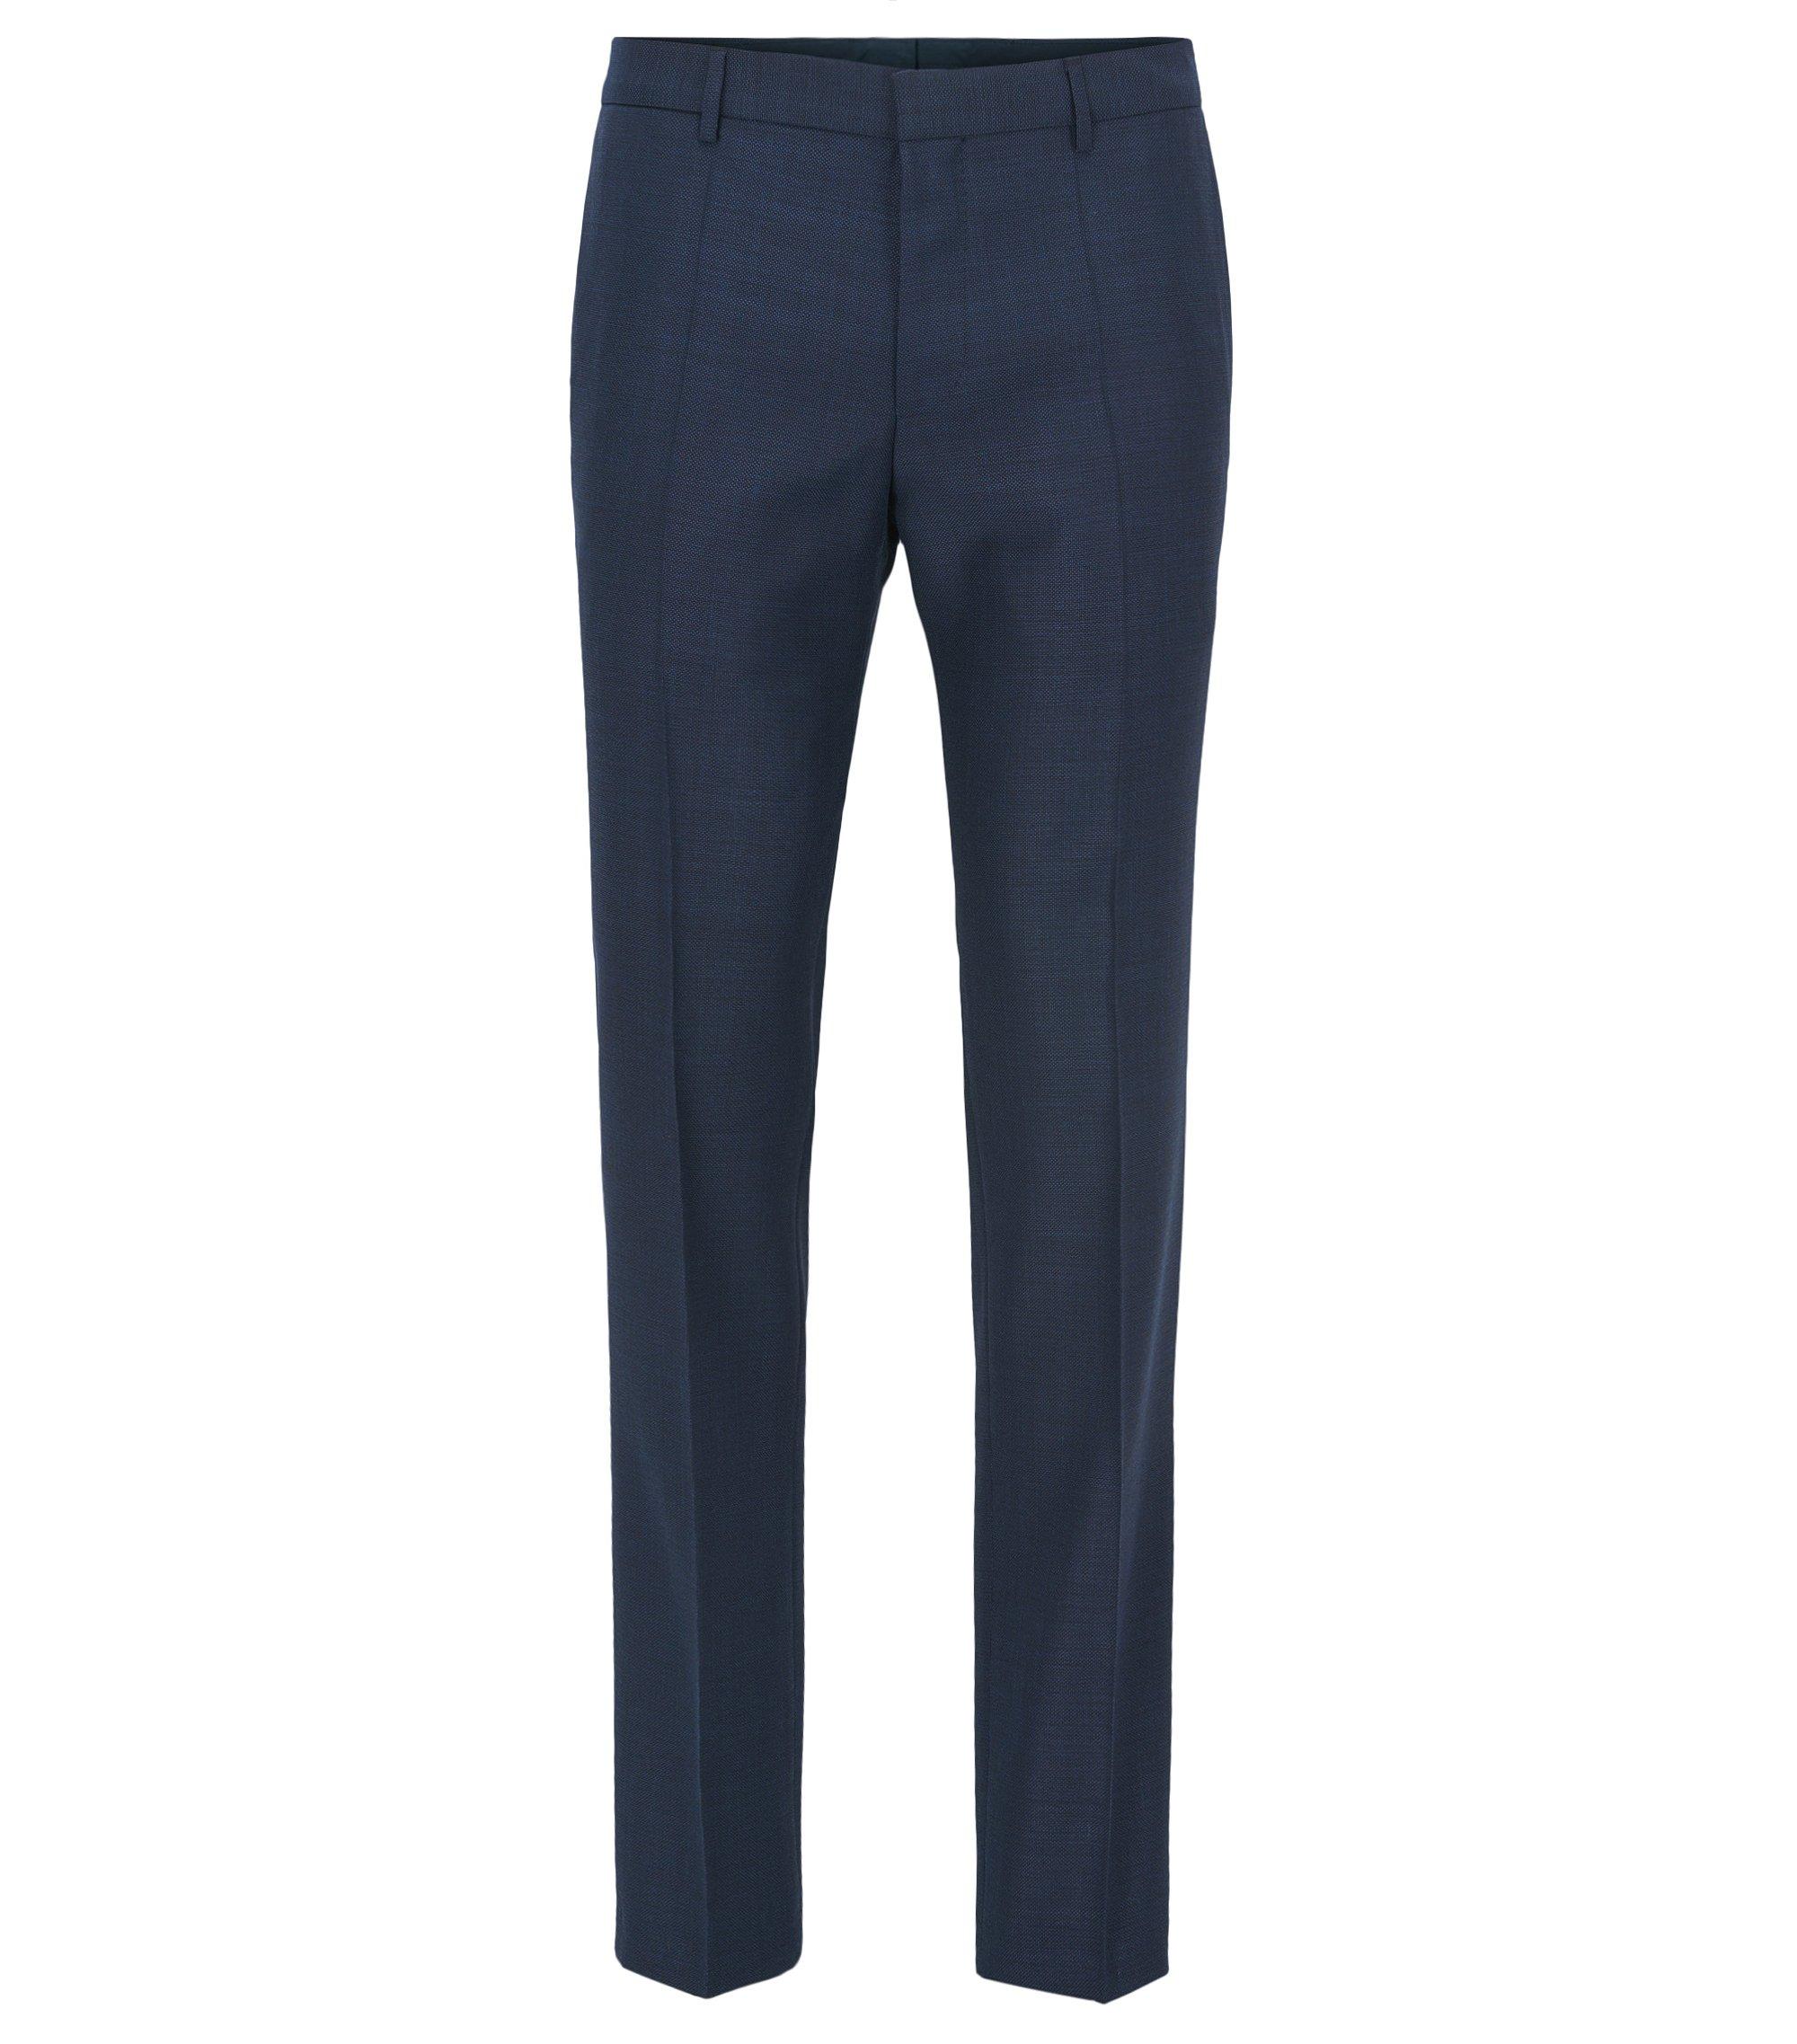 Pantaloni slim fit in serge di lana vergine Tesse con elastan naturale, Blu scuro